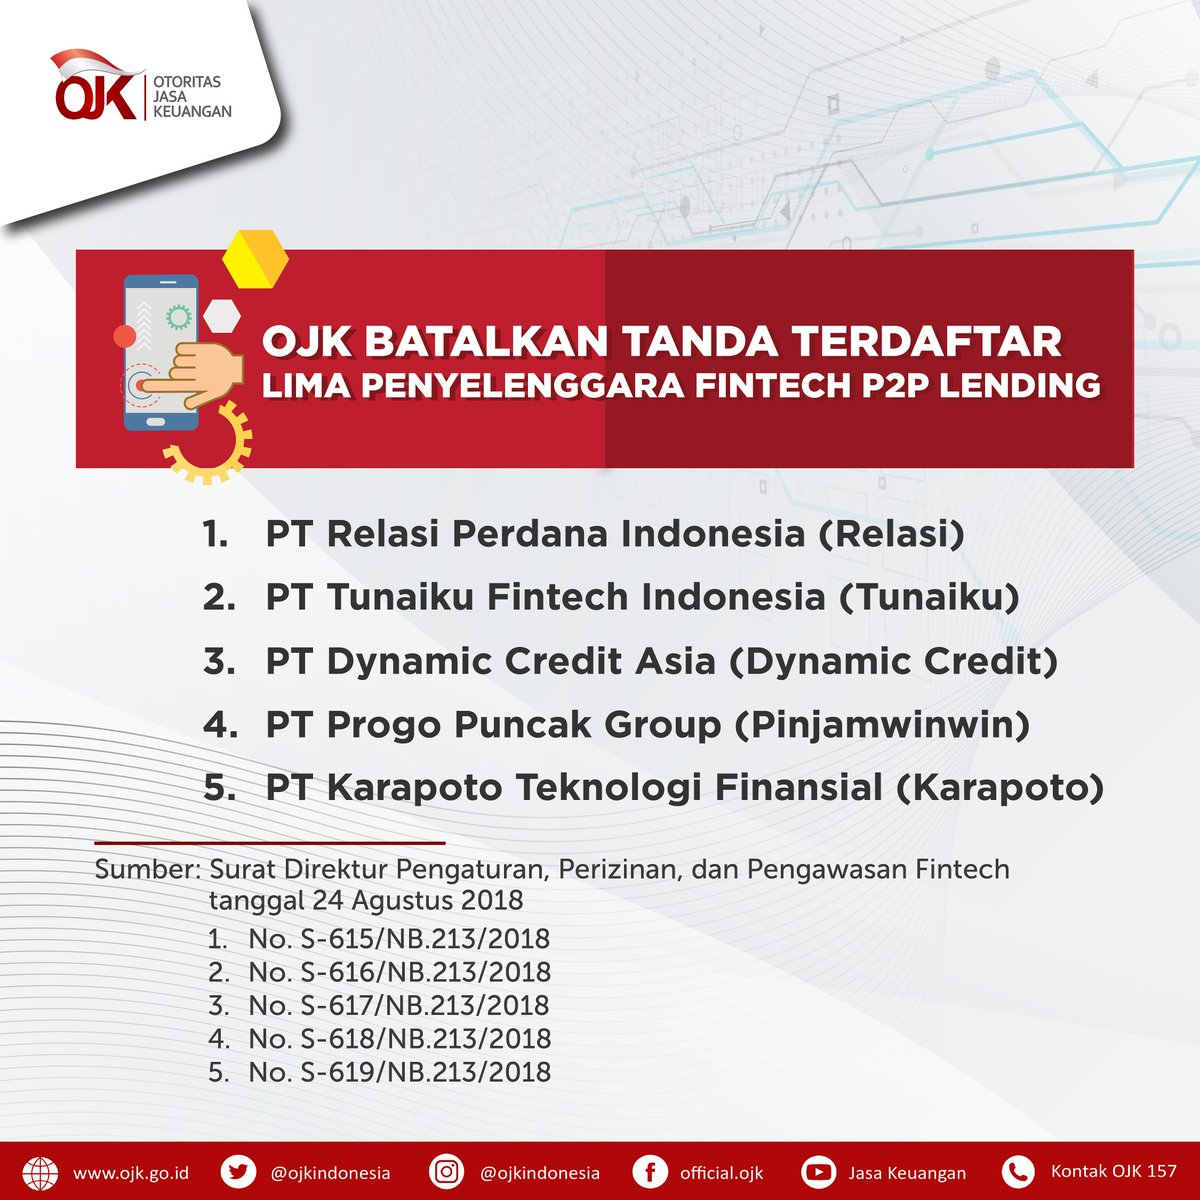 Gojek Indonesia On Twitter Untuk Laporan Anda Dinomor Laporan 38965259 Sudah Diupdate Oleh Tim Terkait Kami Melalui Email Anda Ya Terima Kasih Bds